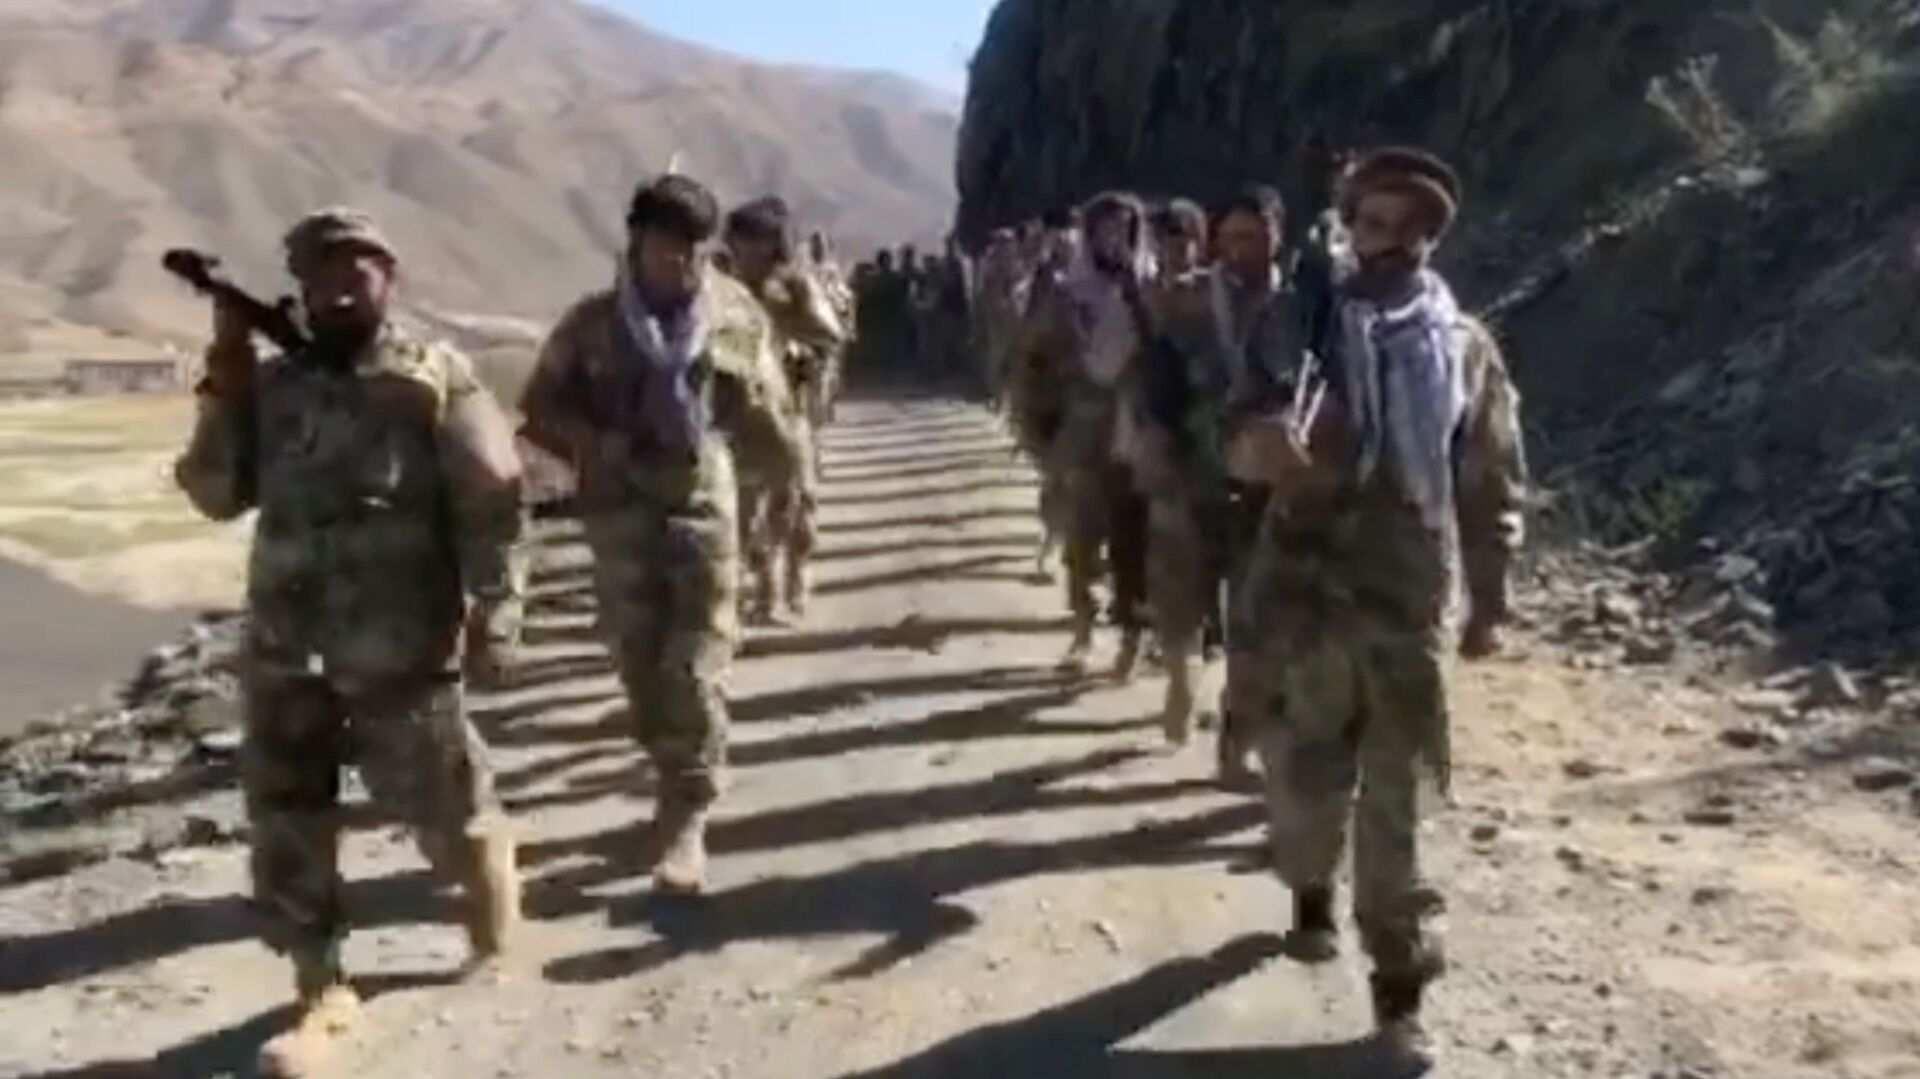 Anti-Taliban resistance troops walk in Panjshir Valley, Afghanistan August 25, 2021 in this still image taken from video - Sputnik International, 1920, 02.09.2021